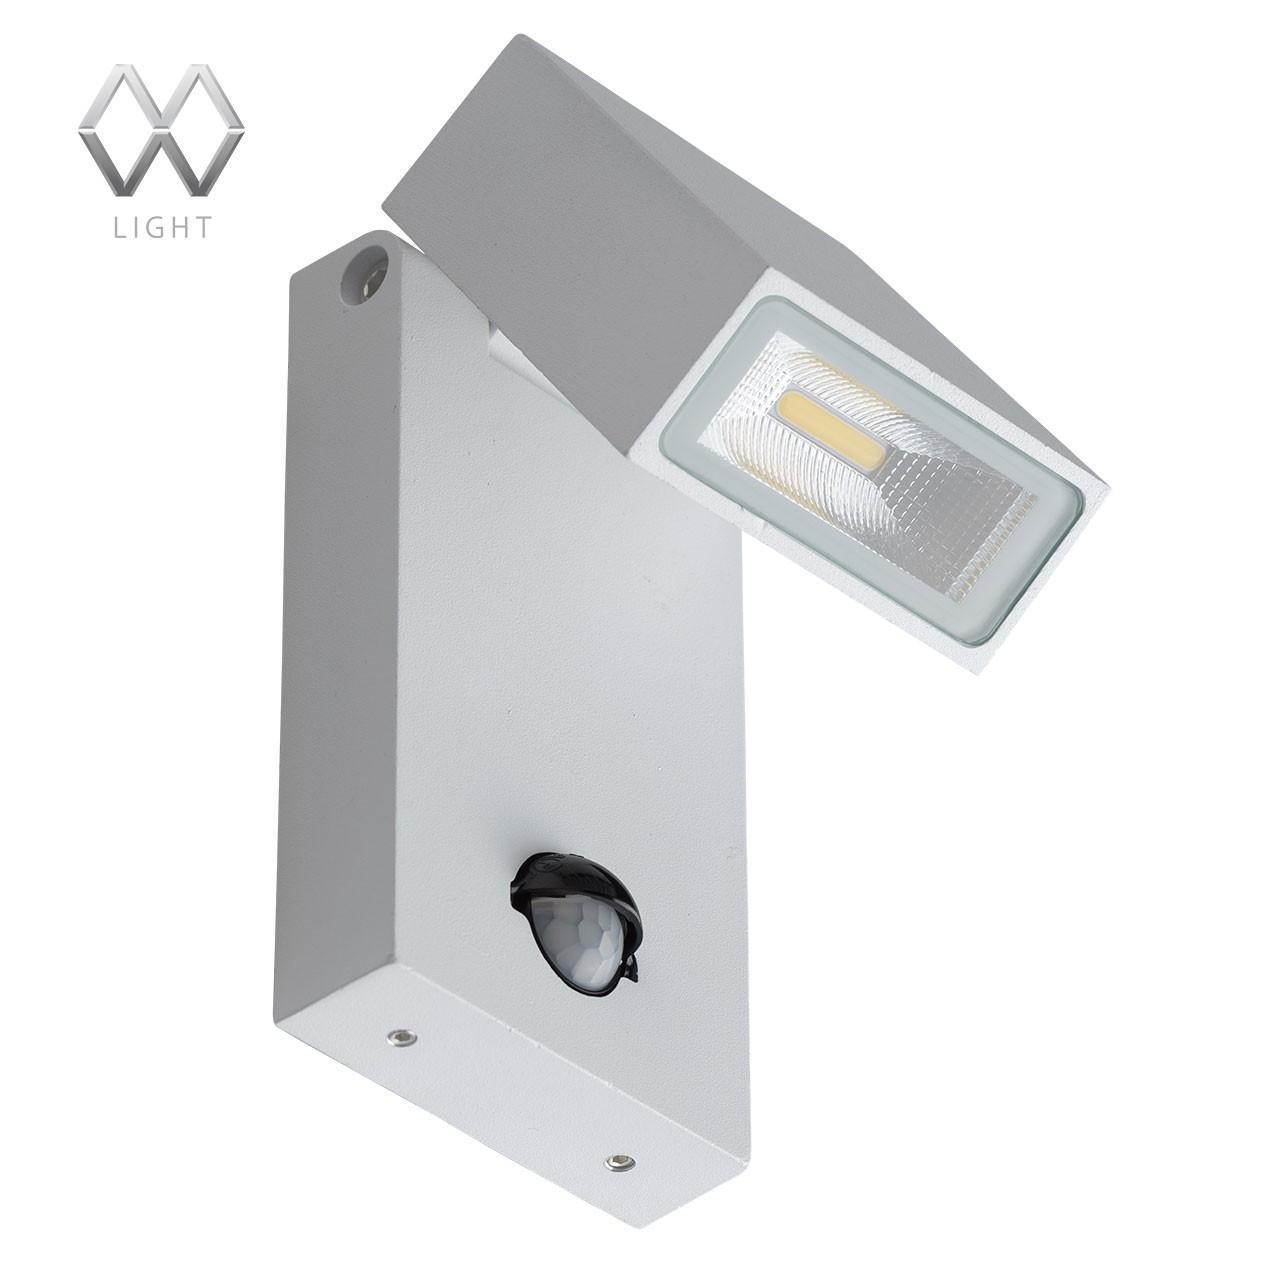 Уличный настенный светильник MW-Light Меркурий 807021601 уличный настенный светильник mw light меркурий 807021601